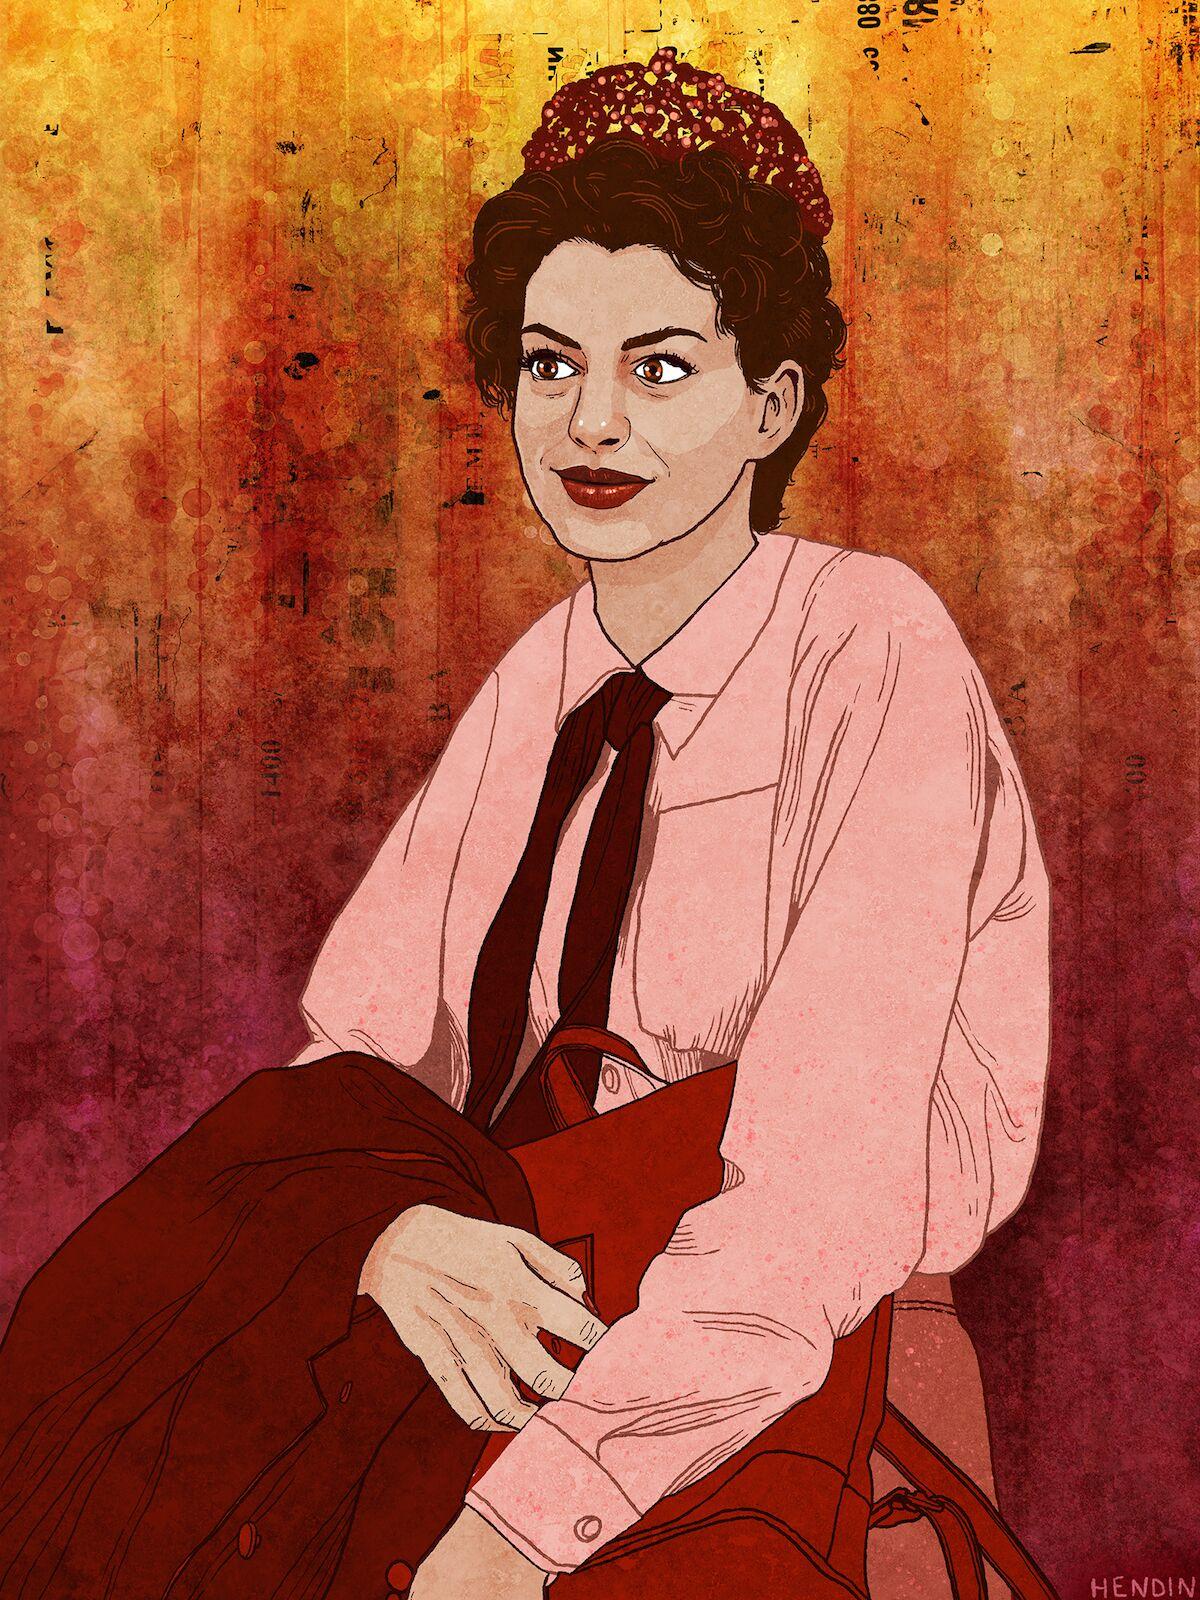 rebecca-hendin-mariam-buzzfeed-illustration-princess-mia-thermopolis-1A_preview